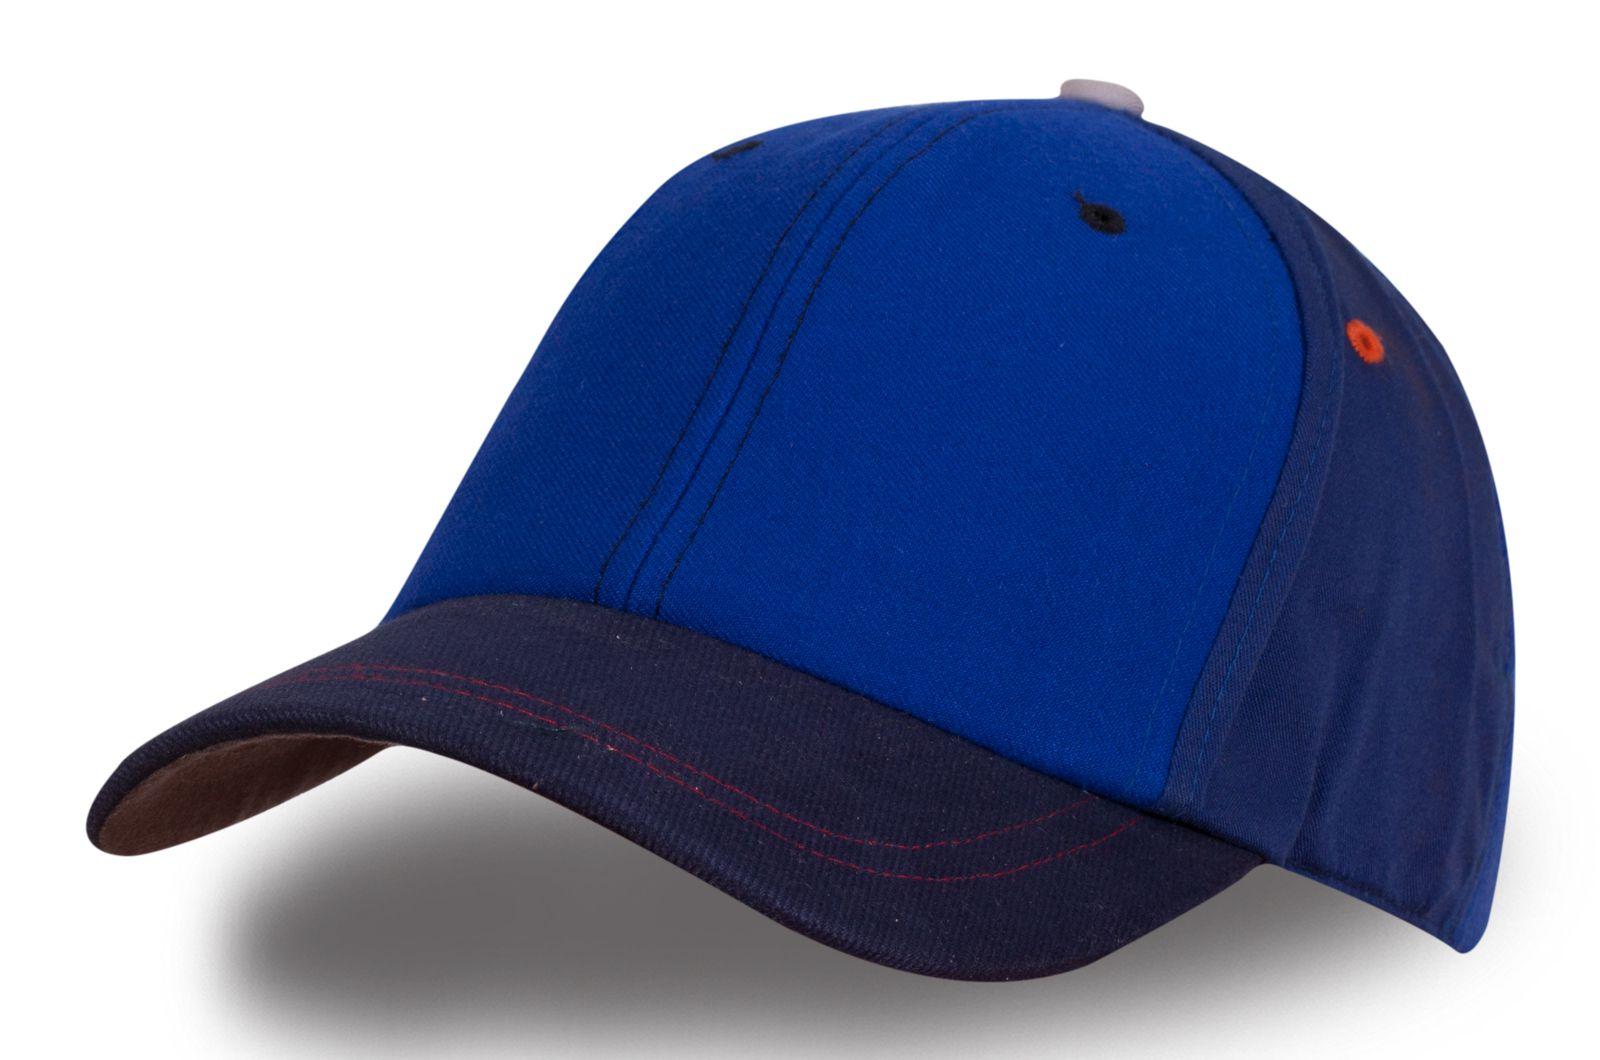 Бейсболка синяя - купить в интернет-магазине с доставкой